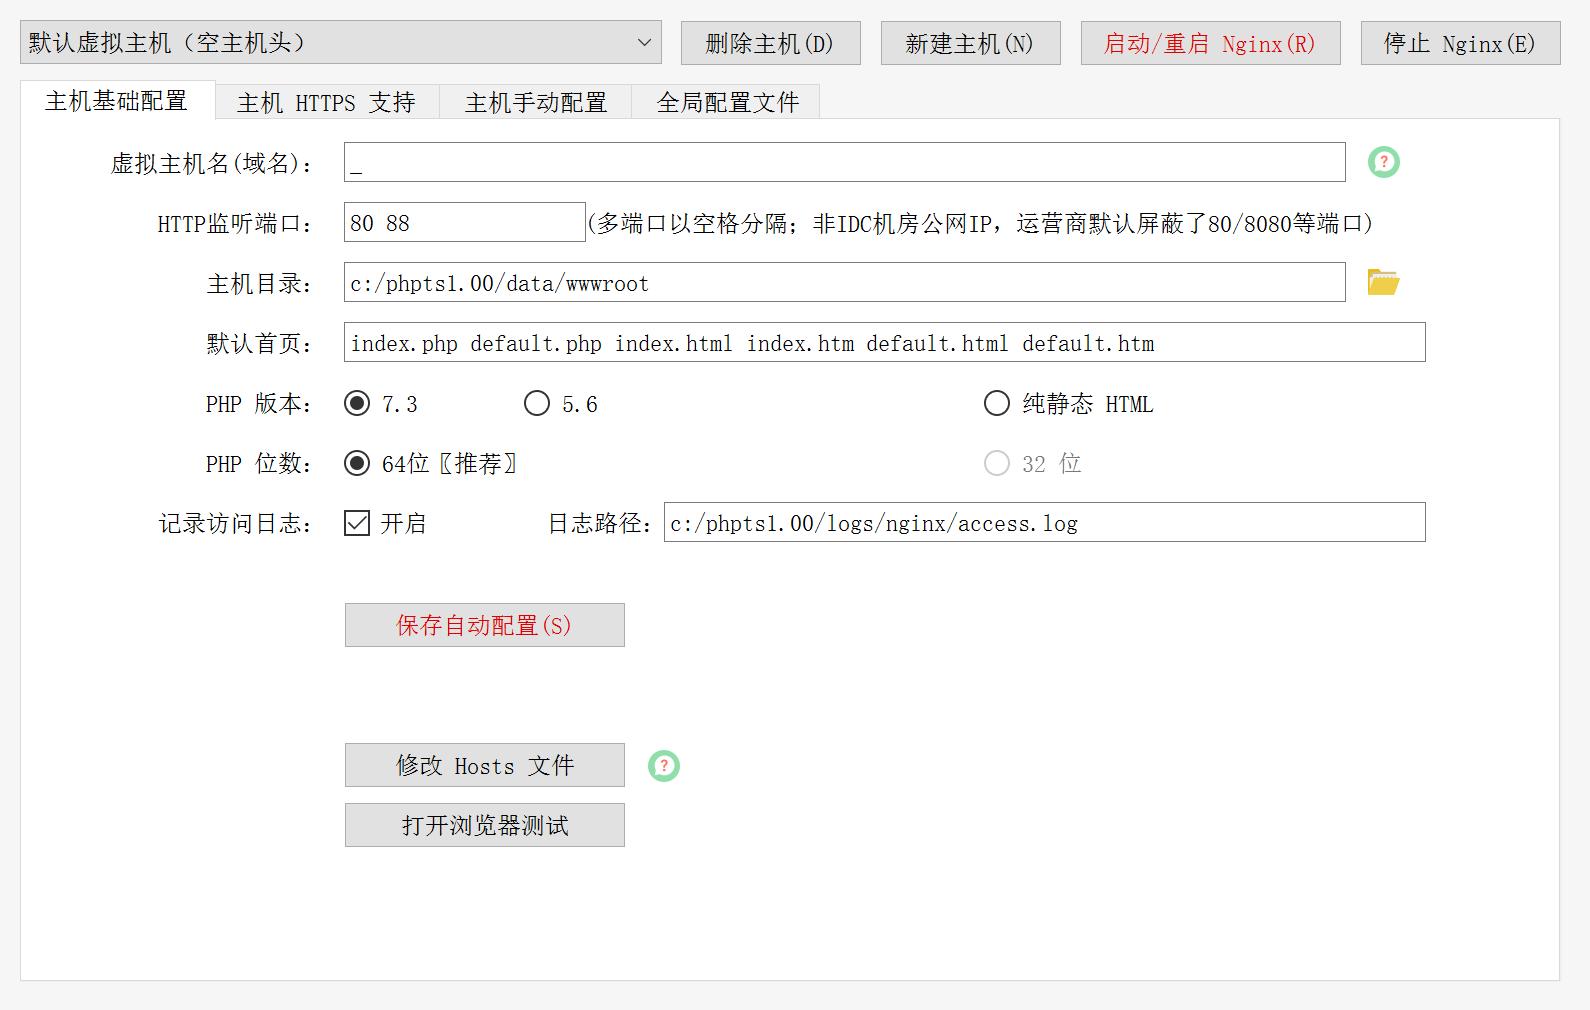 《PHPTS 1.02 版本》